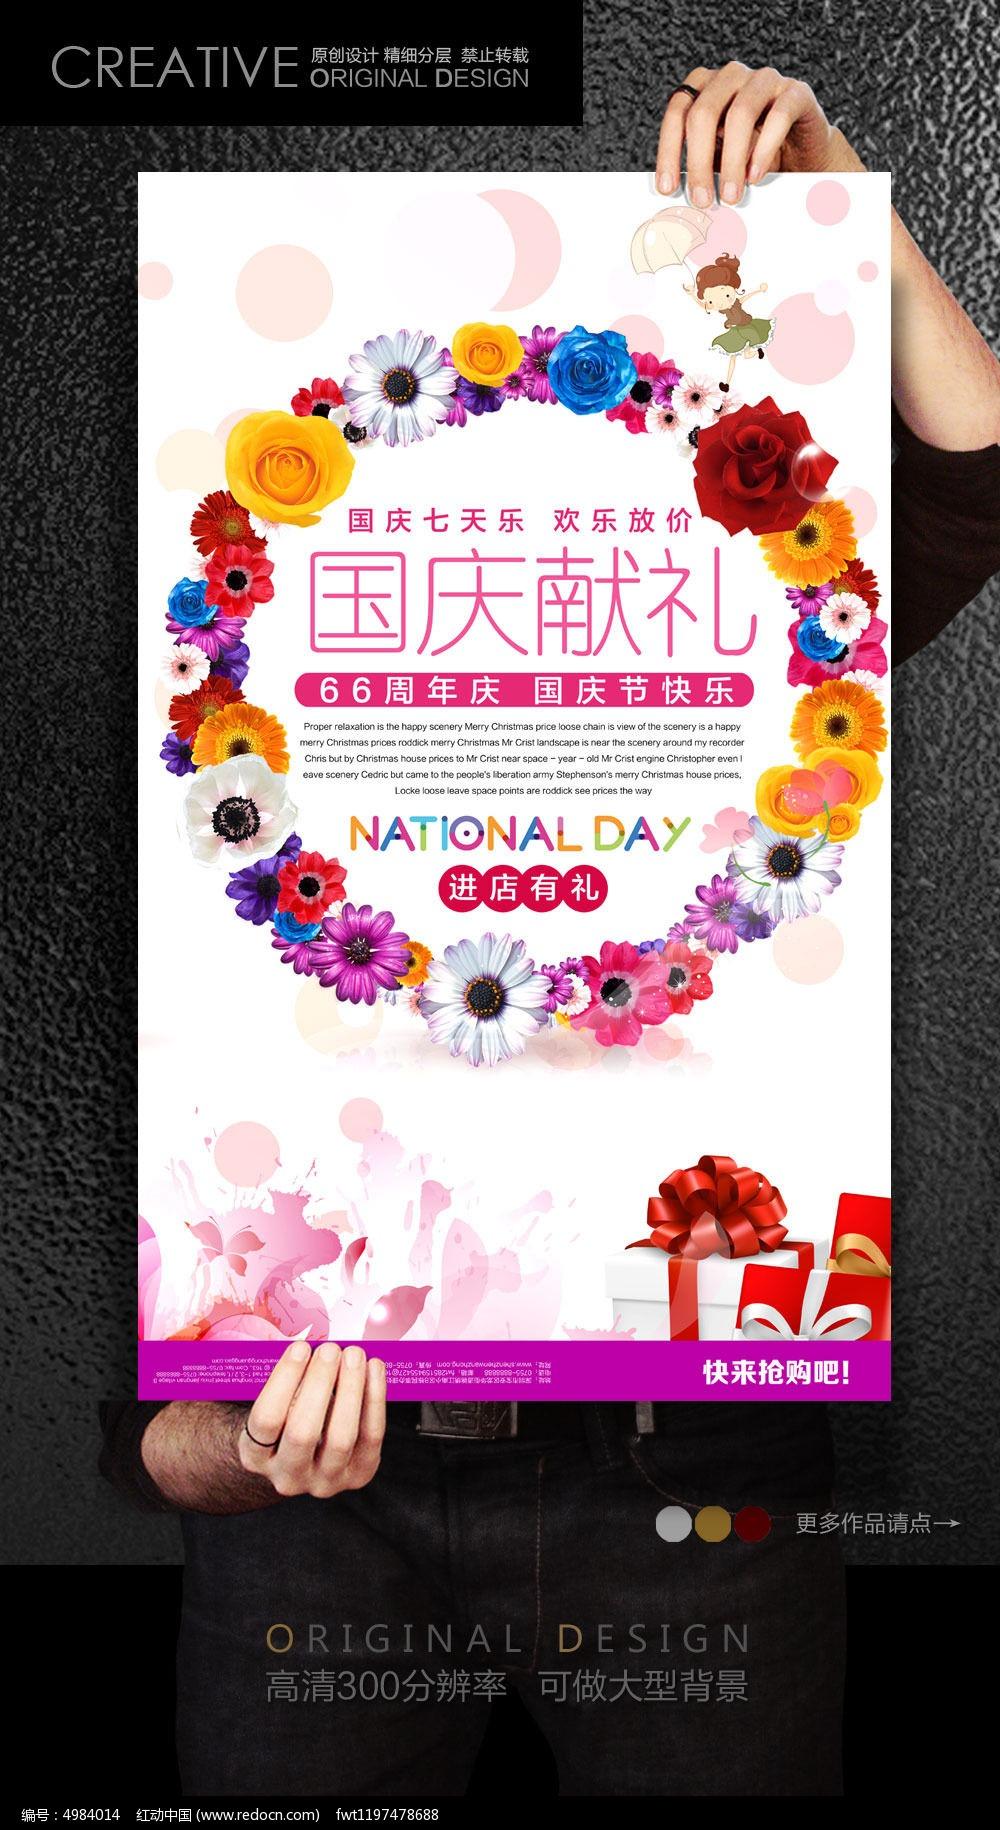 国庆节献礼活动海报设计图片